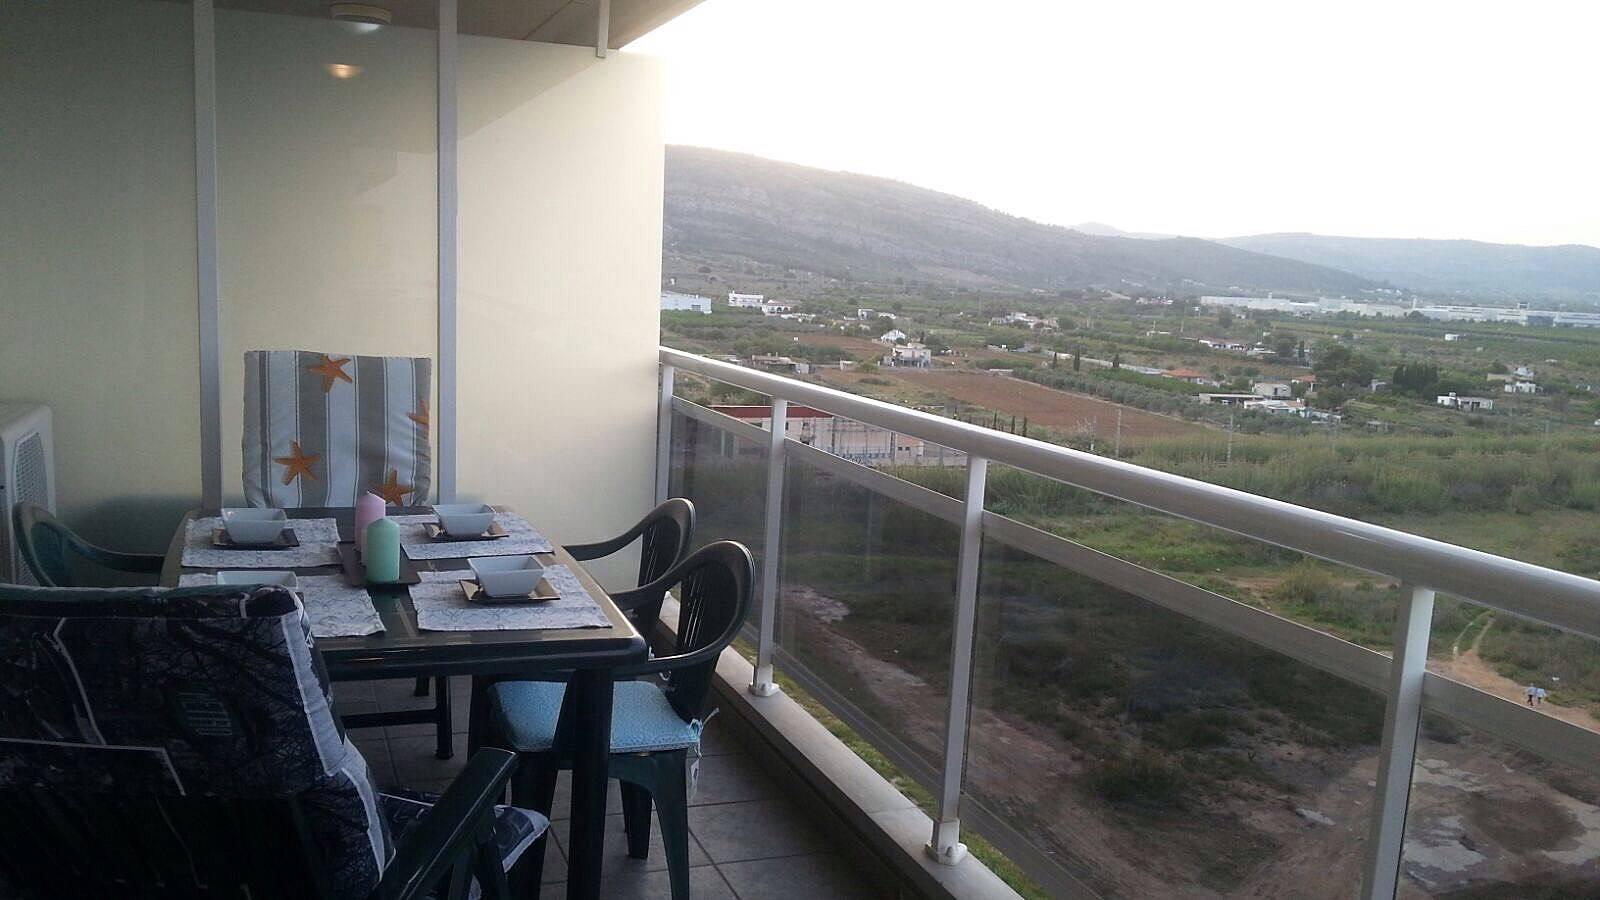 Apartamento en alquiler a 100 m de la playa oropesa del mar orpesa castell n castell n - Alquiler apartamentos oropesa del mar ...